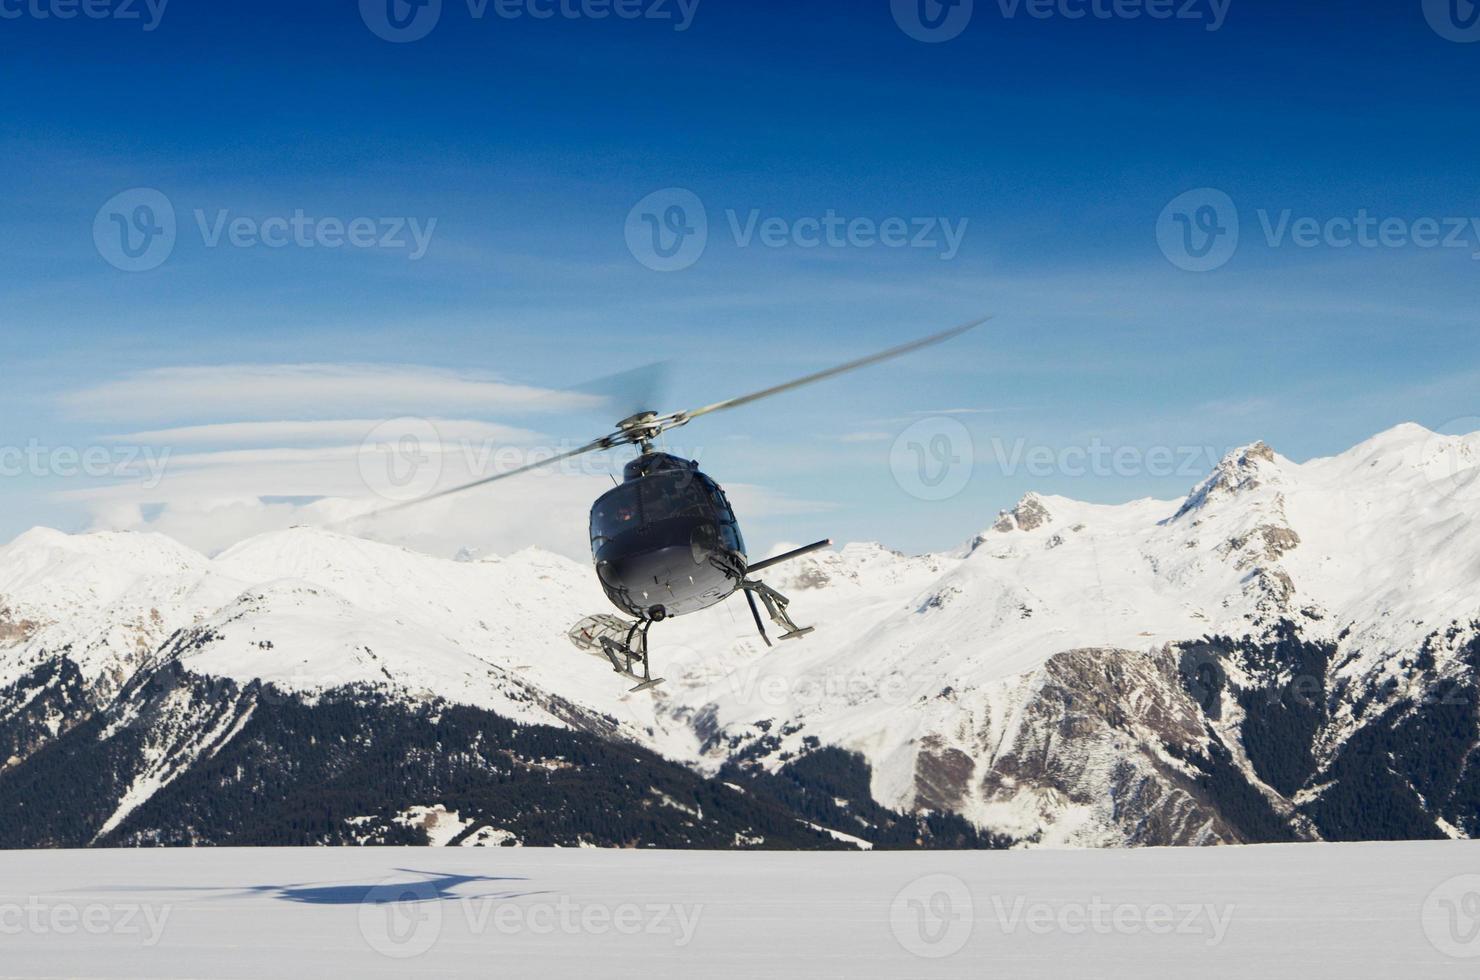 un elicottero di salvataggio in montagna in volo da montagne innevate foto